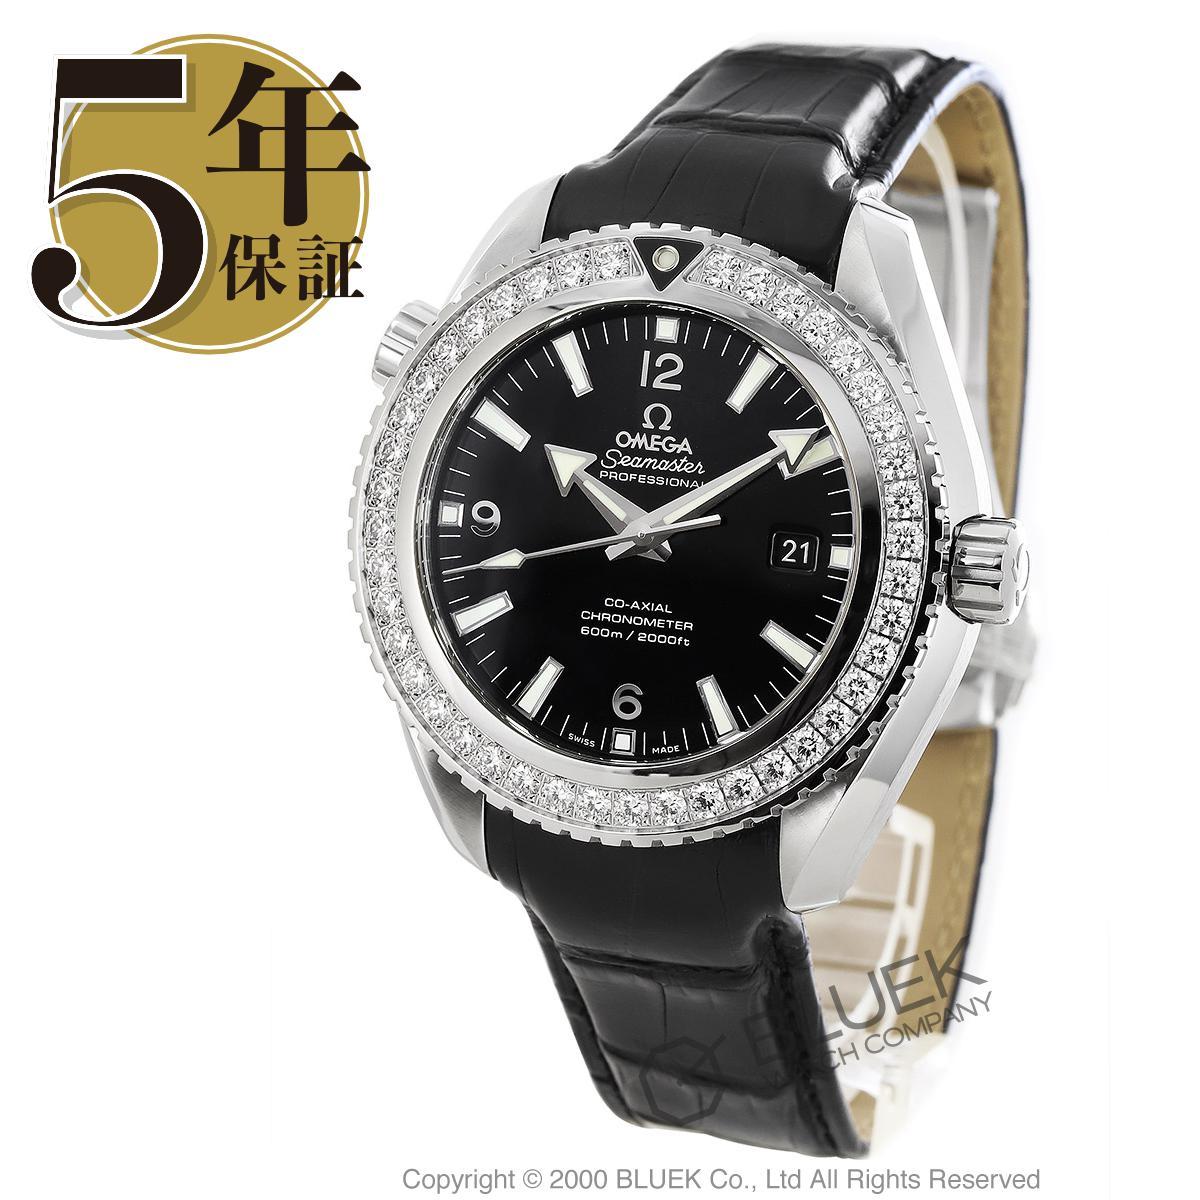 オメガ シーマスター プラネットオーシャン 600m防水 ダイヤ アリゲーターレザー 腕時計 メンズ OMEGA 232.18.46.21.01.001_5